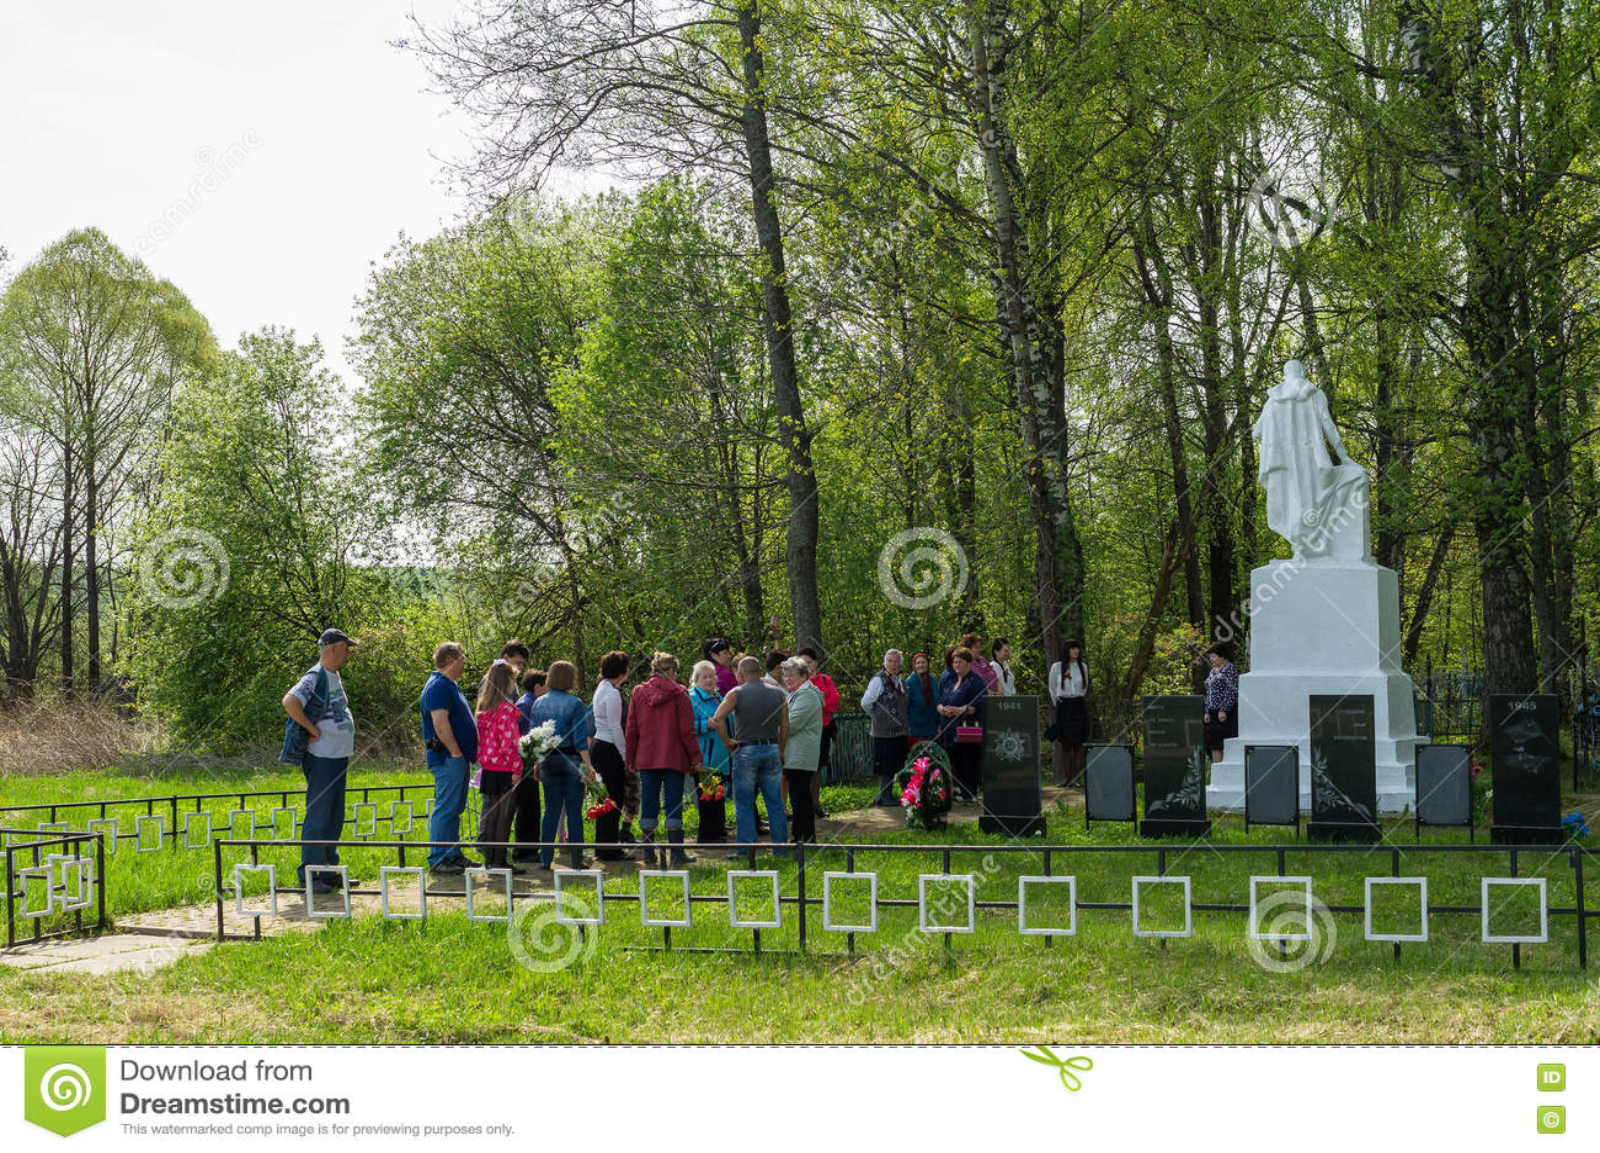 La ceremonia en el sepulcro total en el pueblo de la región de Kaluga (Rusia) en 8 puede 2016